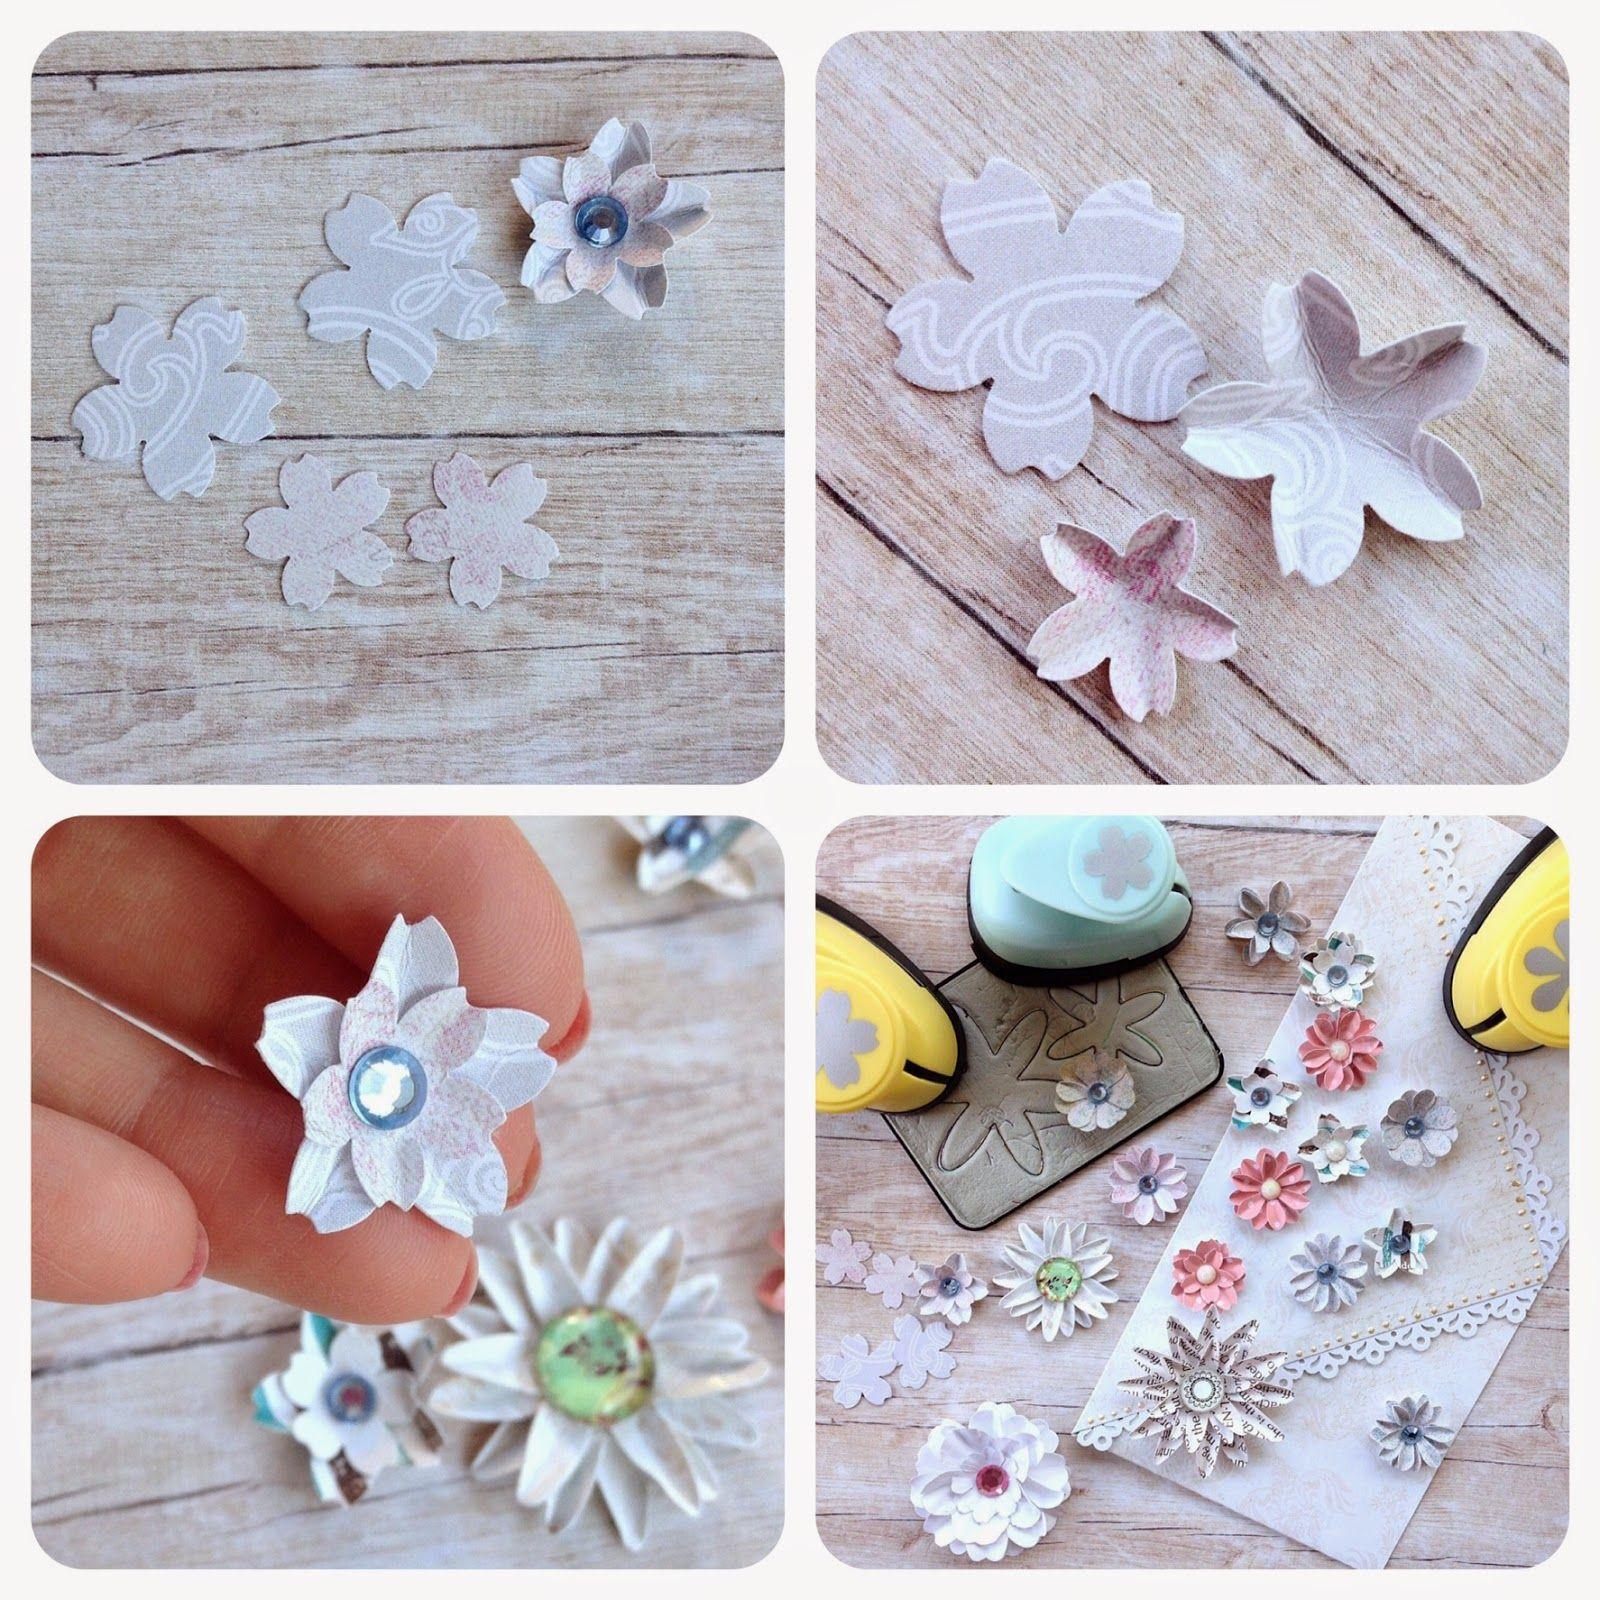 Scrapbooking Cardmaking Jak Zrobic Kwiatki Z Papieru Flower Making Paper Flowers Scrapbook